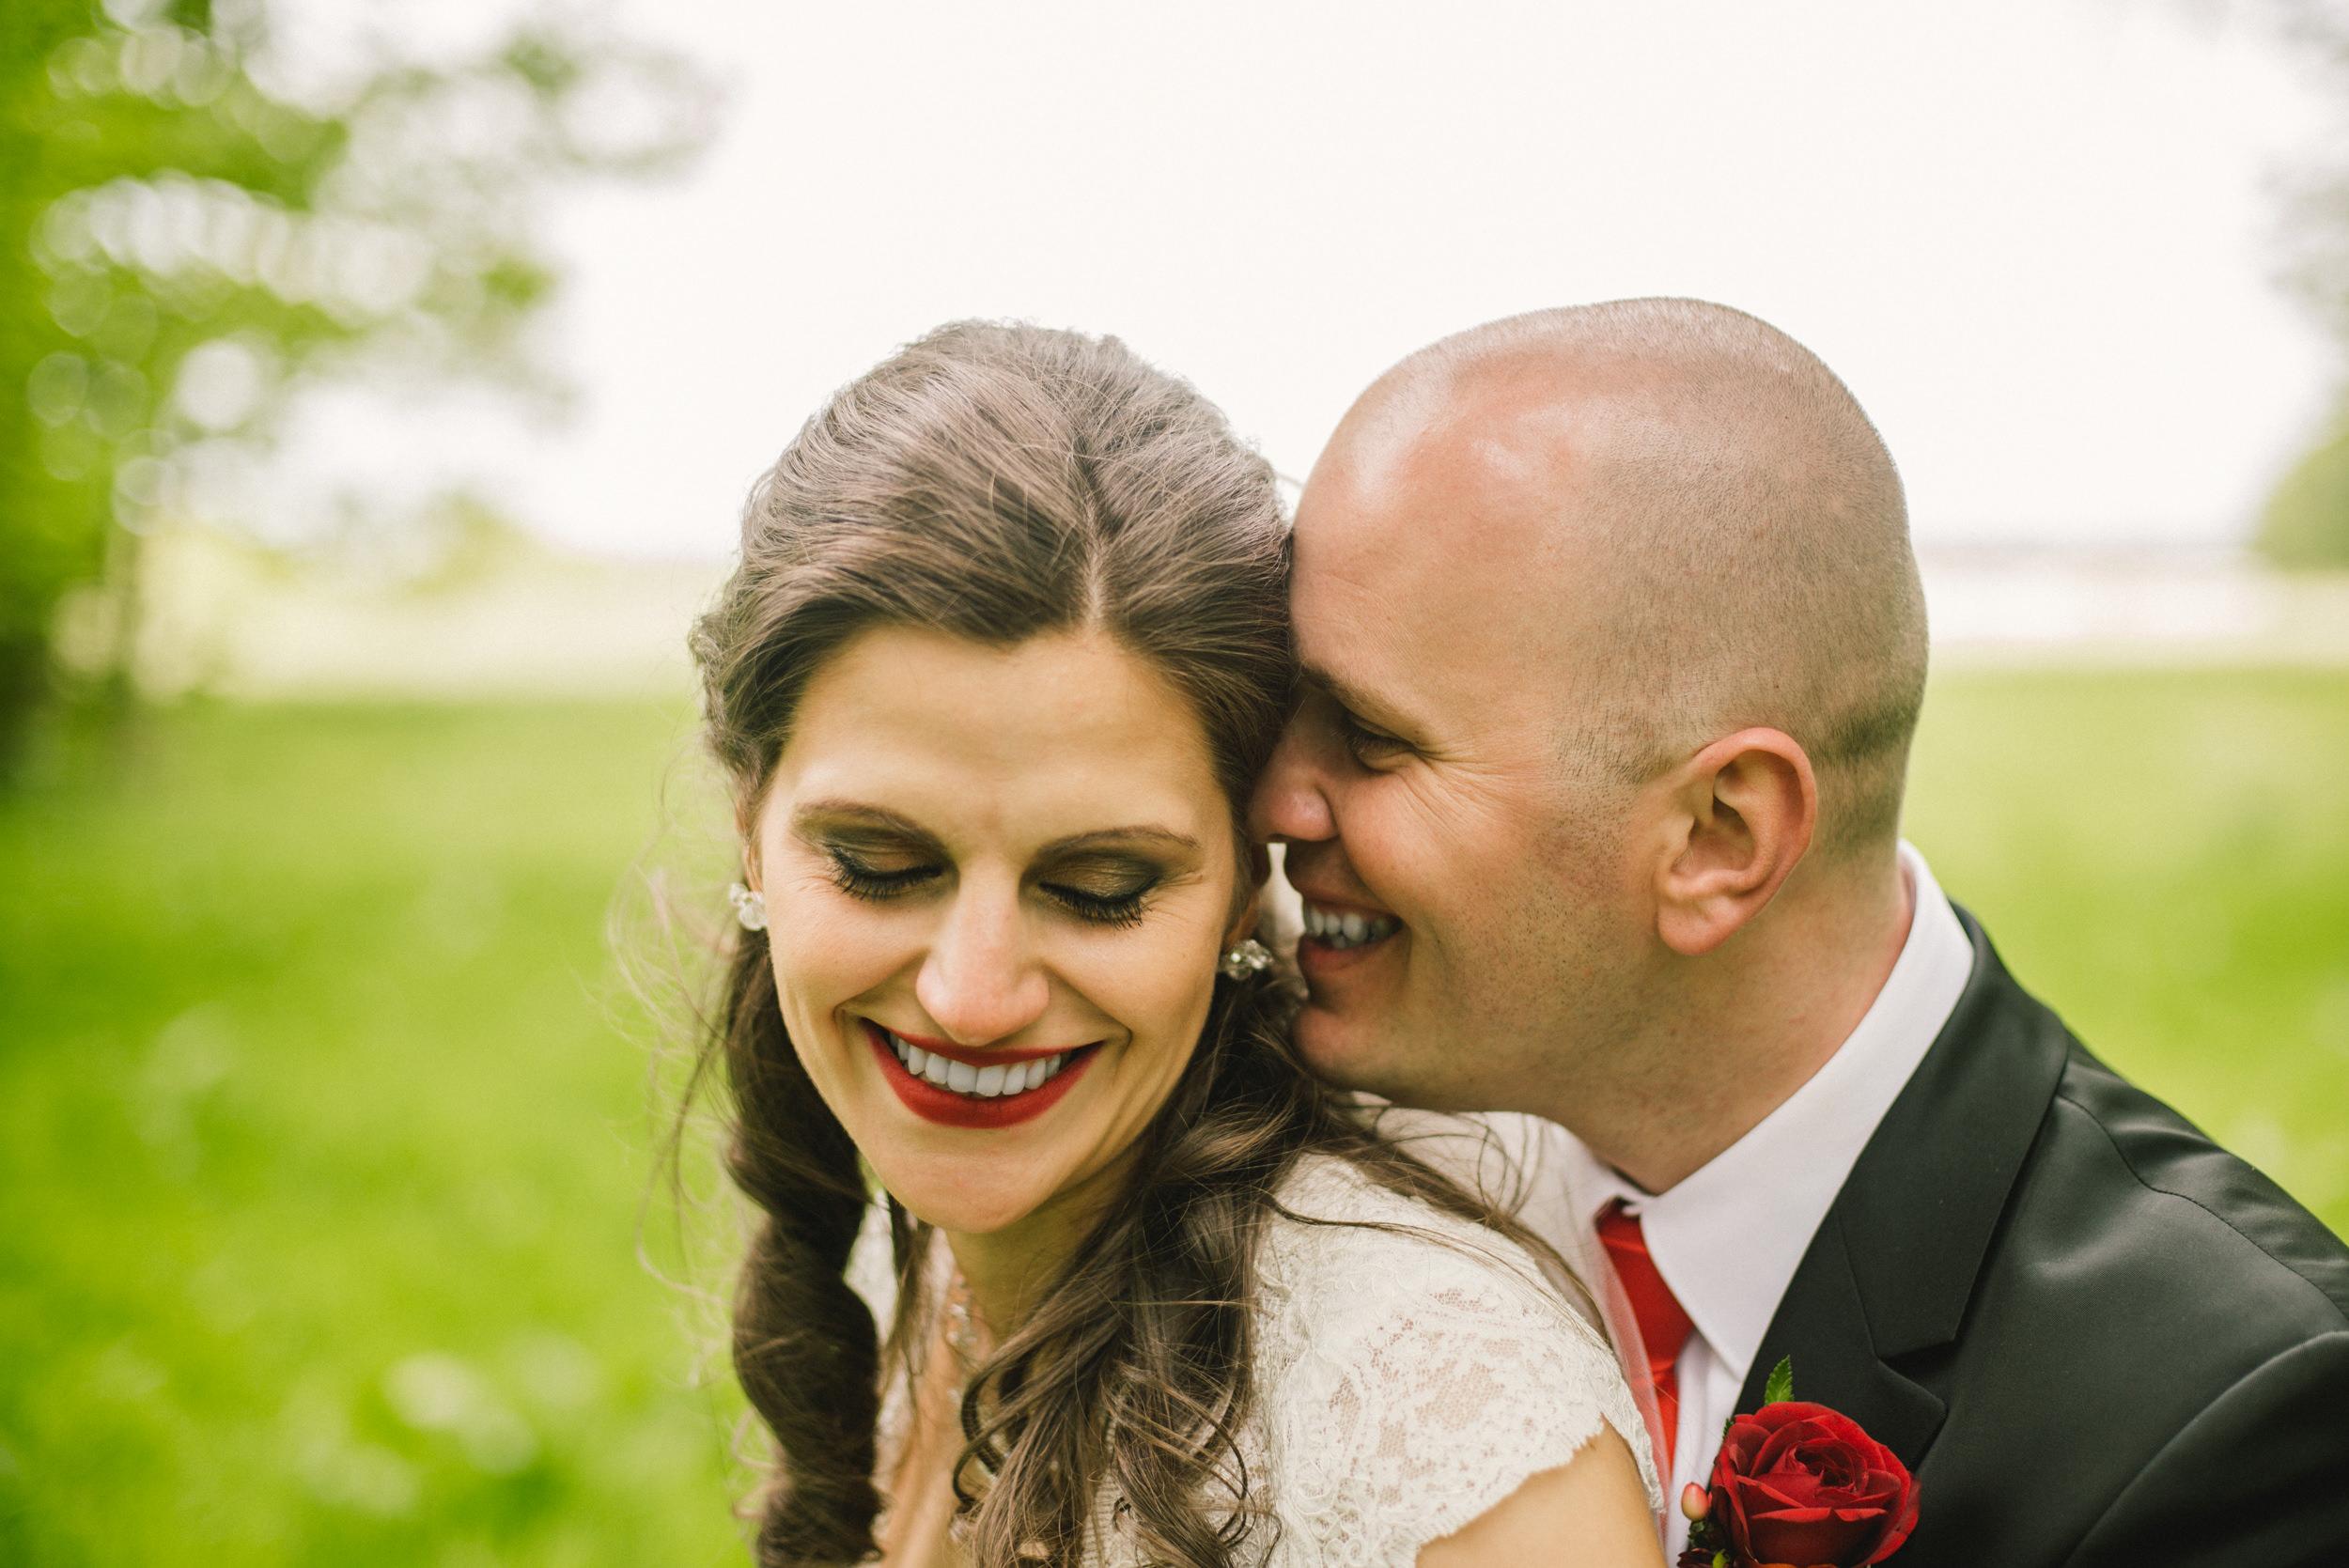 Paul_Glaser_Hochzeitsfotograf-6